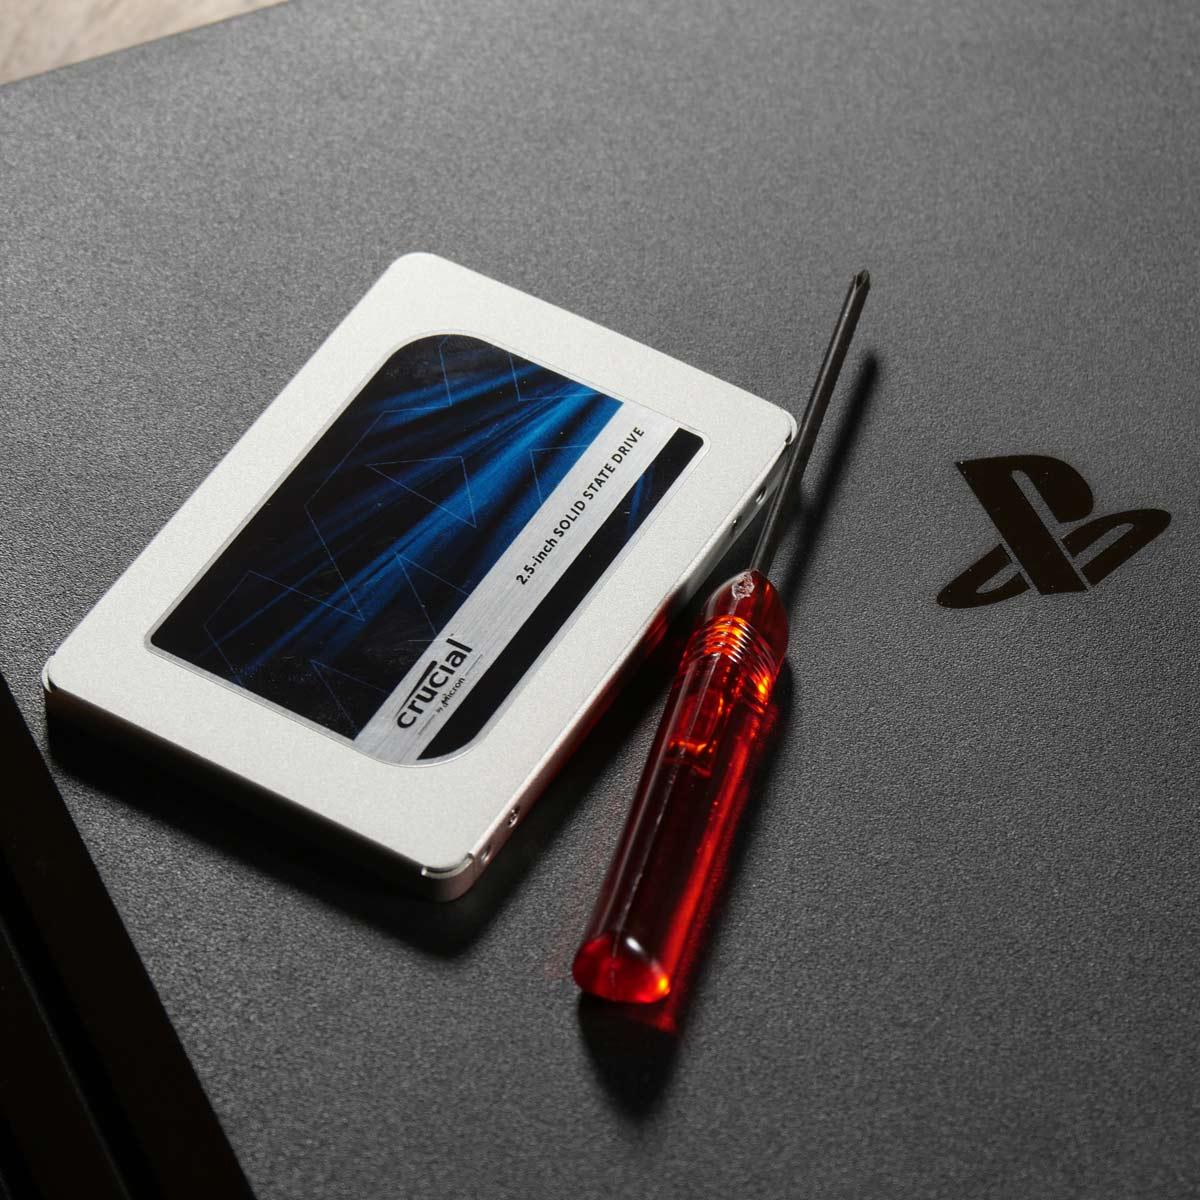 「PS4 Pro」をSSDに換装して高速化する方法を徹底解説!